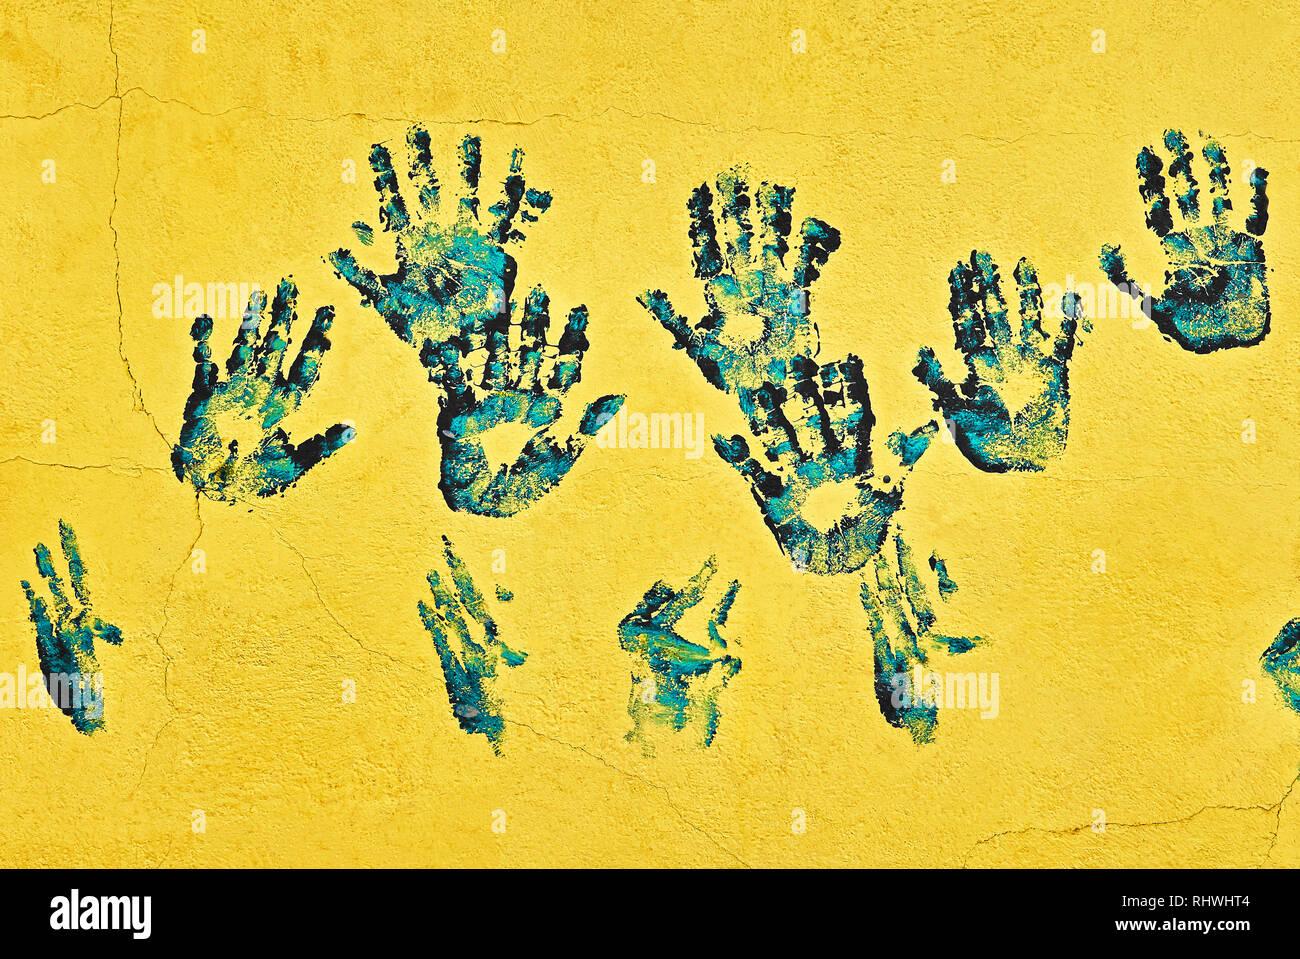 Beaucoup De Peinture Bleu Et Noir Part Imprime Sur Un Mur De